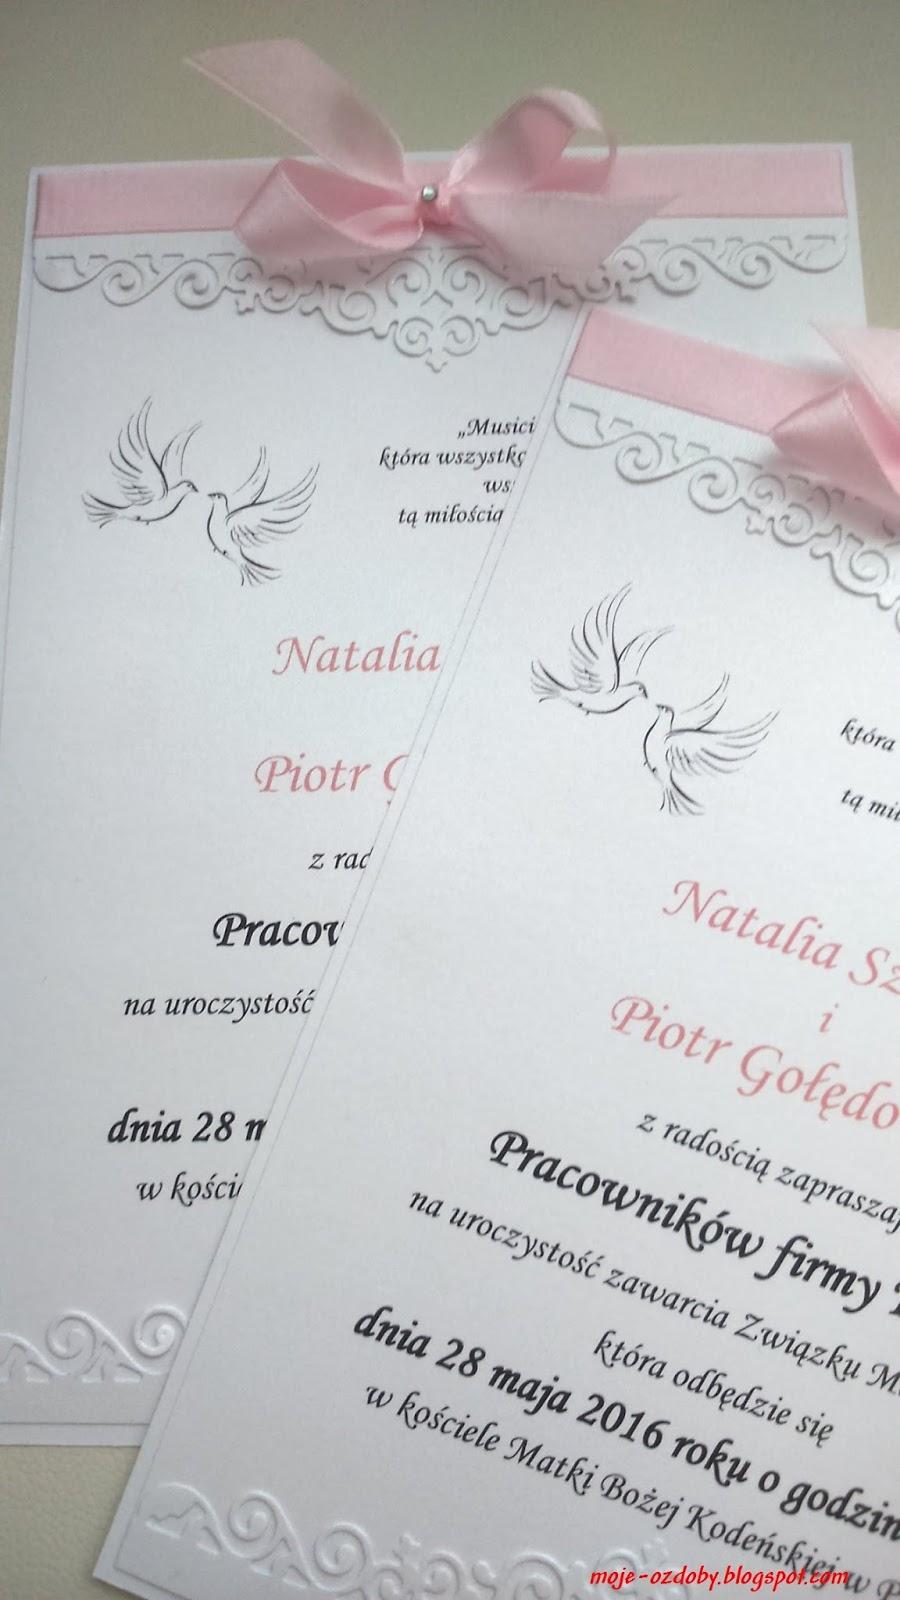 Moje Ozdoby Biało Różowe Zawiadomienia O ślubie